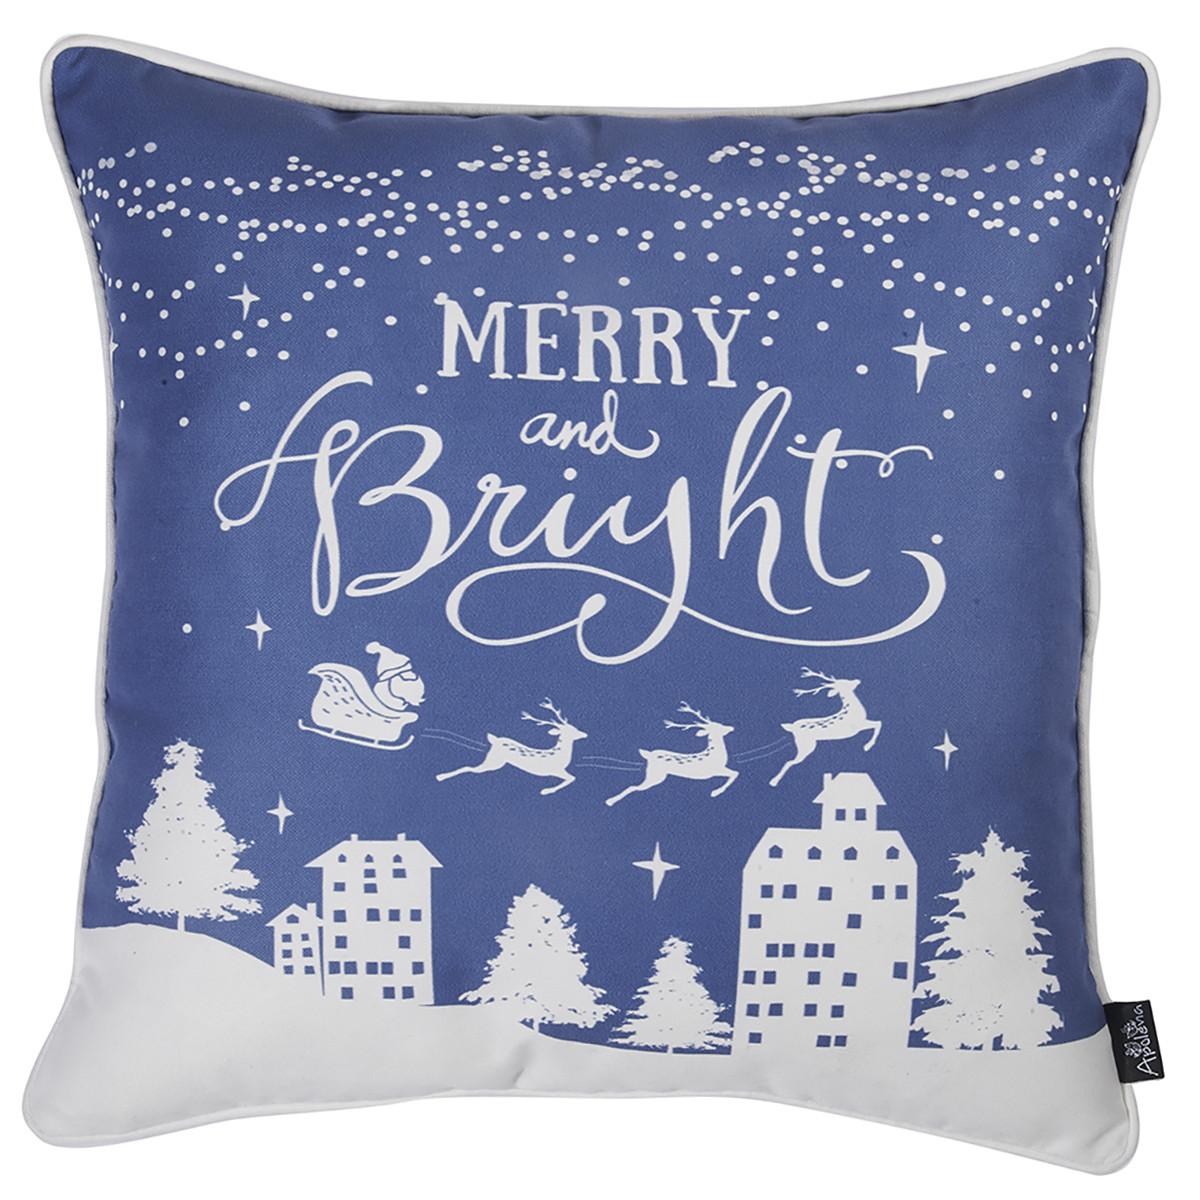 Χριστουγεννιάτικη Μαξιλαροθήκη (45×45) Apolena Xmas Blue 706-5615/1